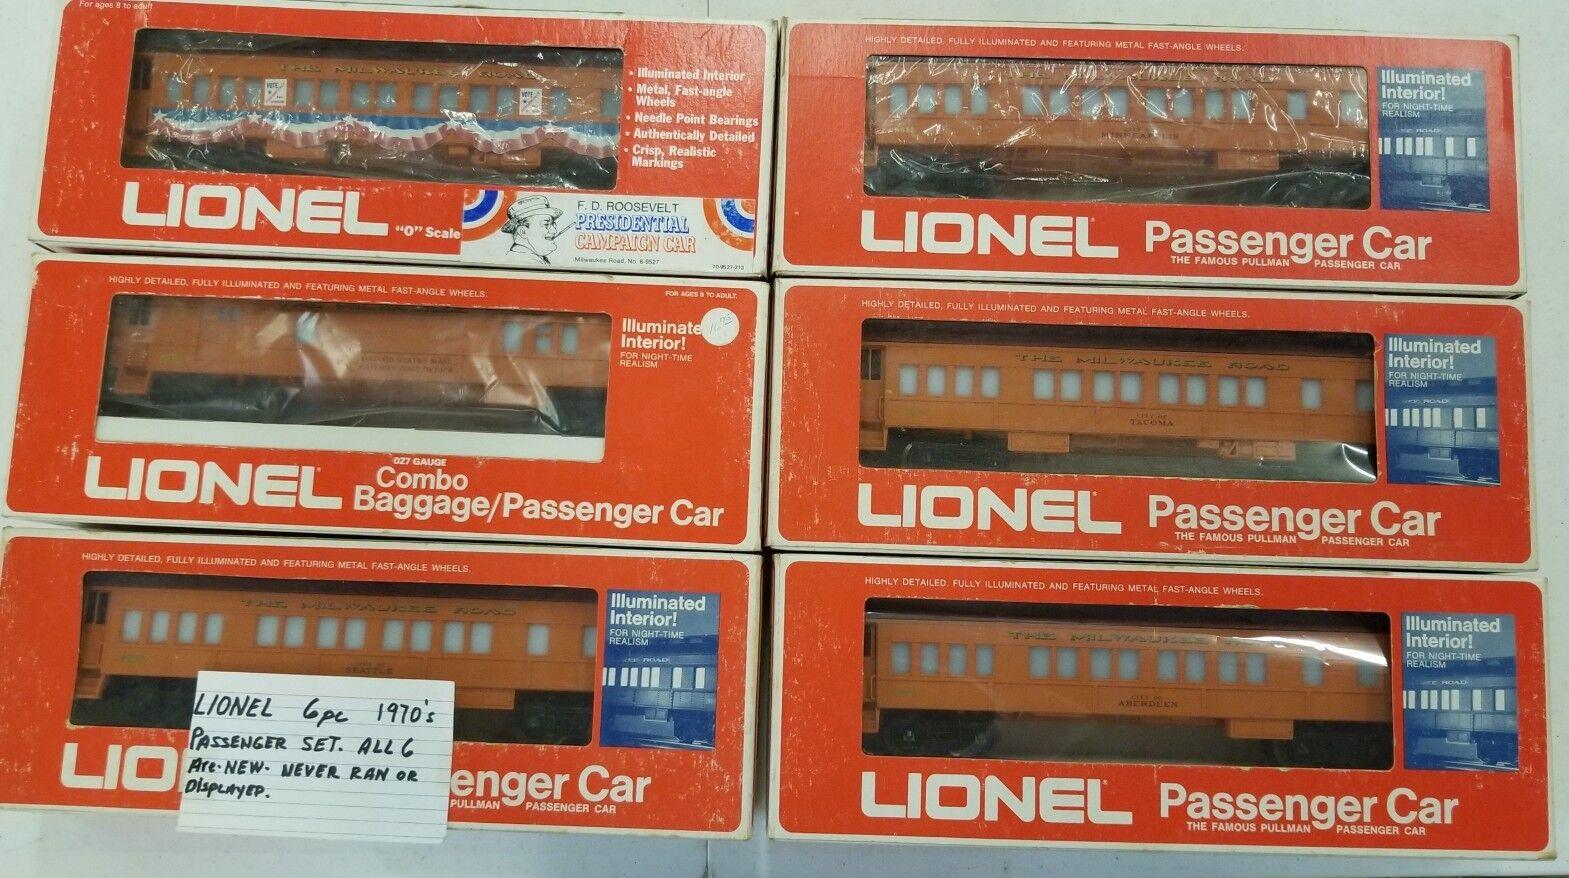 Lionel 6 vagones de pasajeros el camino de Milwaukee 9501, 9504, 9505, 9506, 9511, 9527